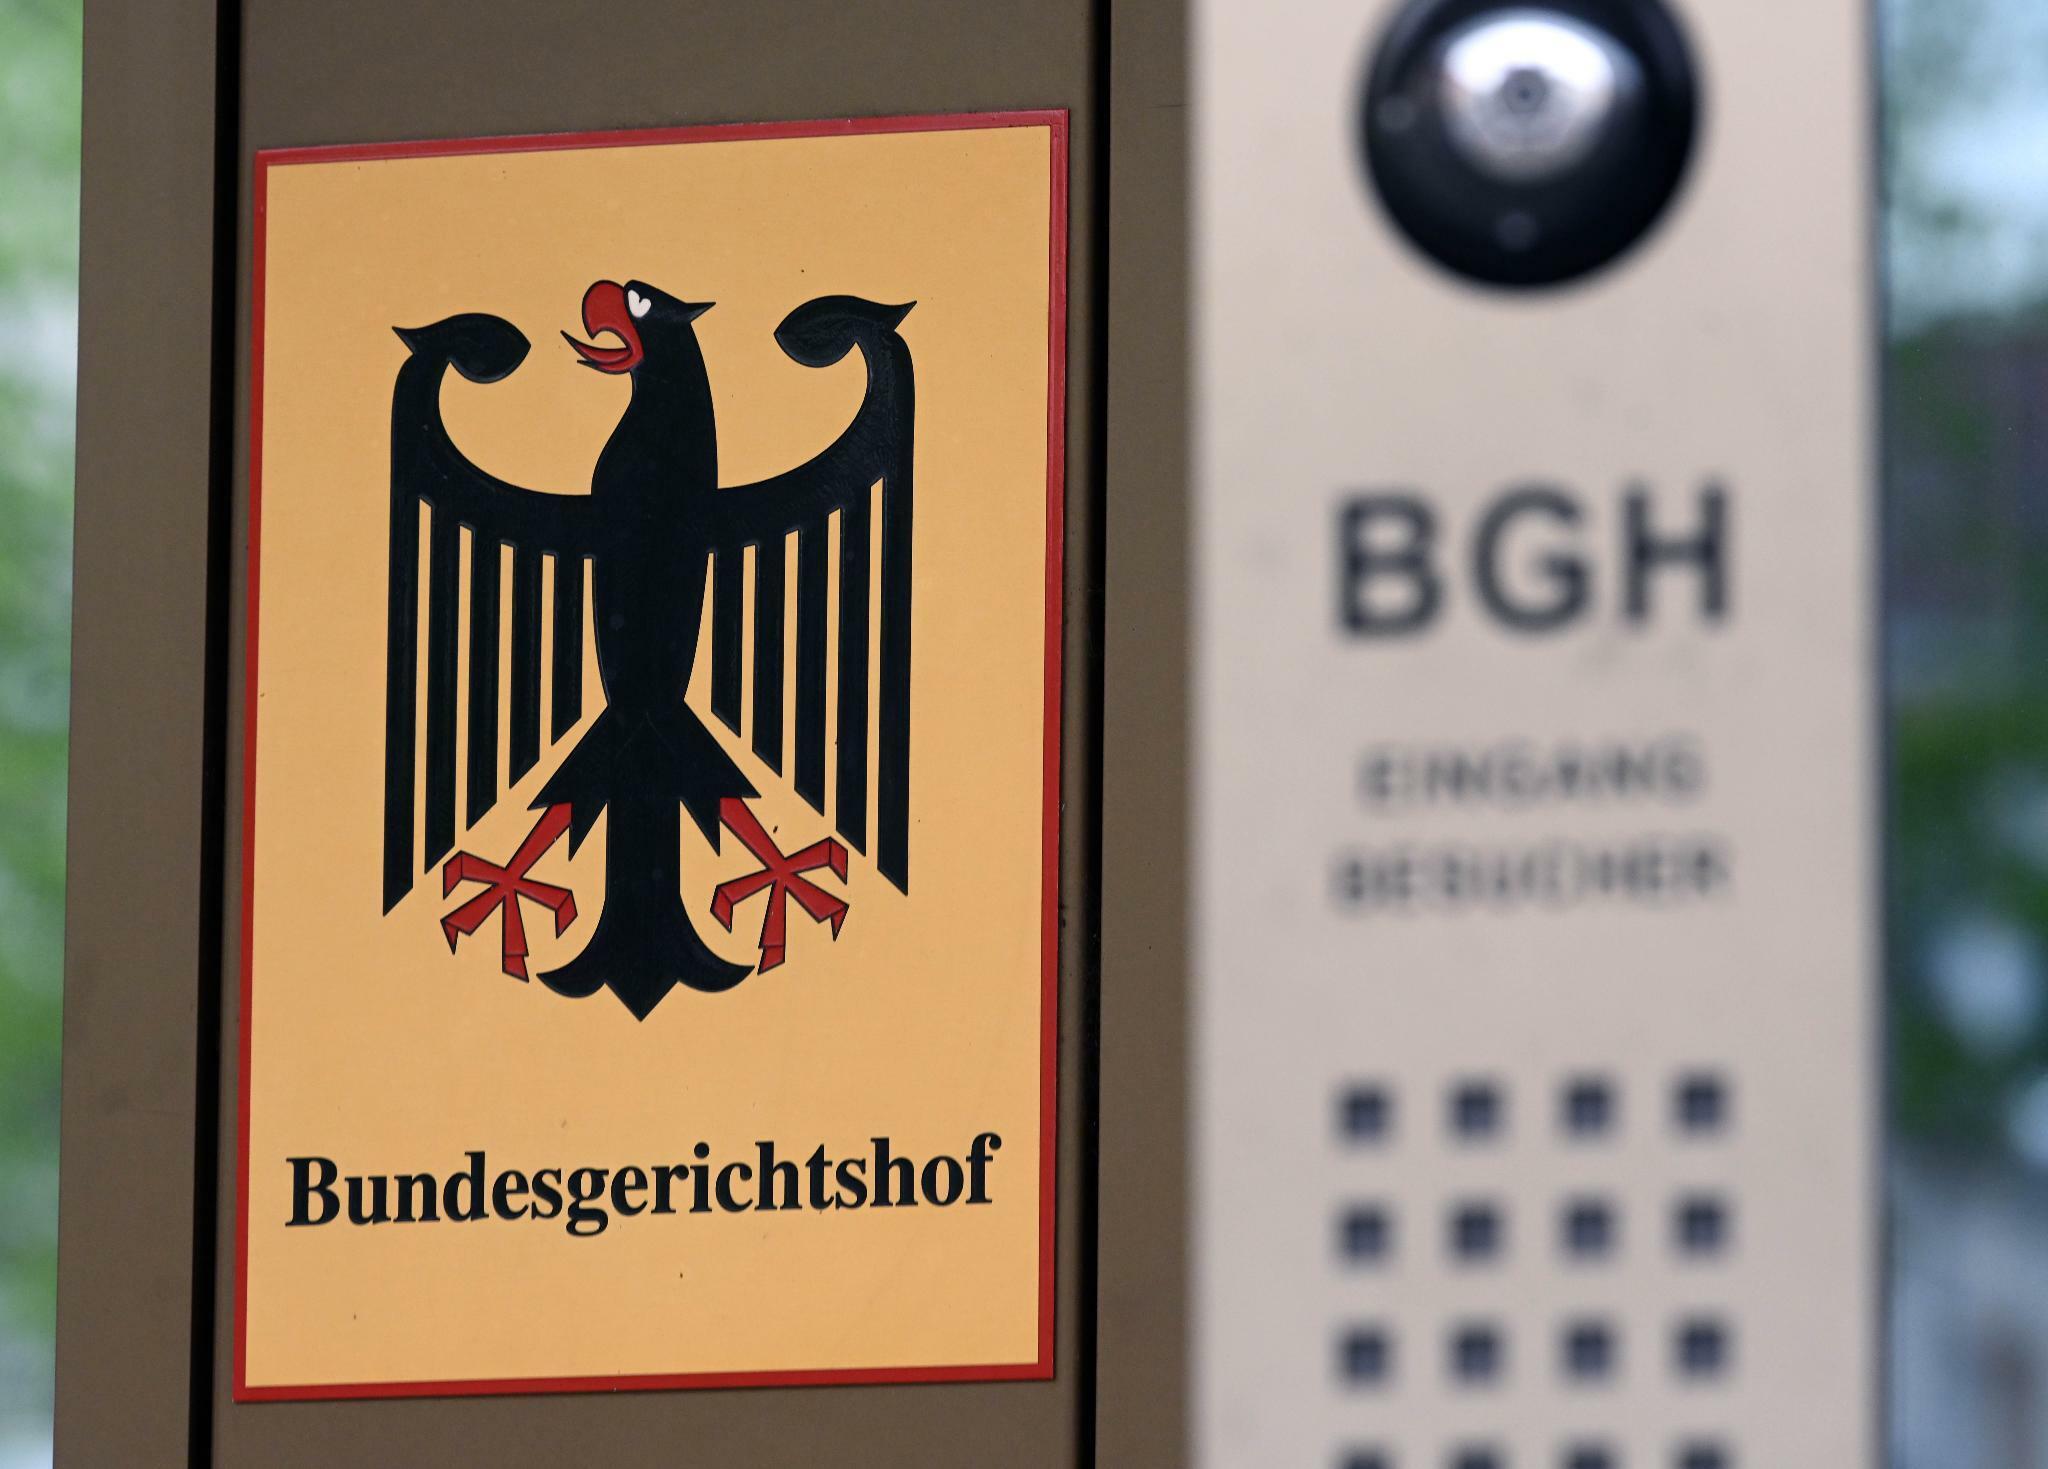 BGH über Weniegermiete.de: Dürfen Inkassodienstleister juristische Hilfe anbieten?